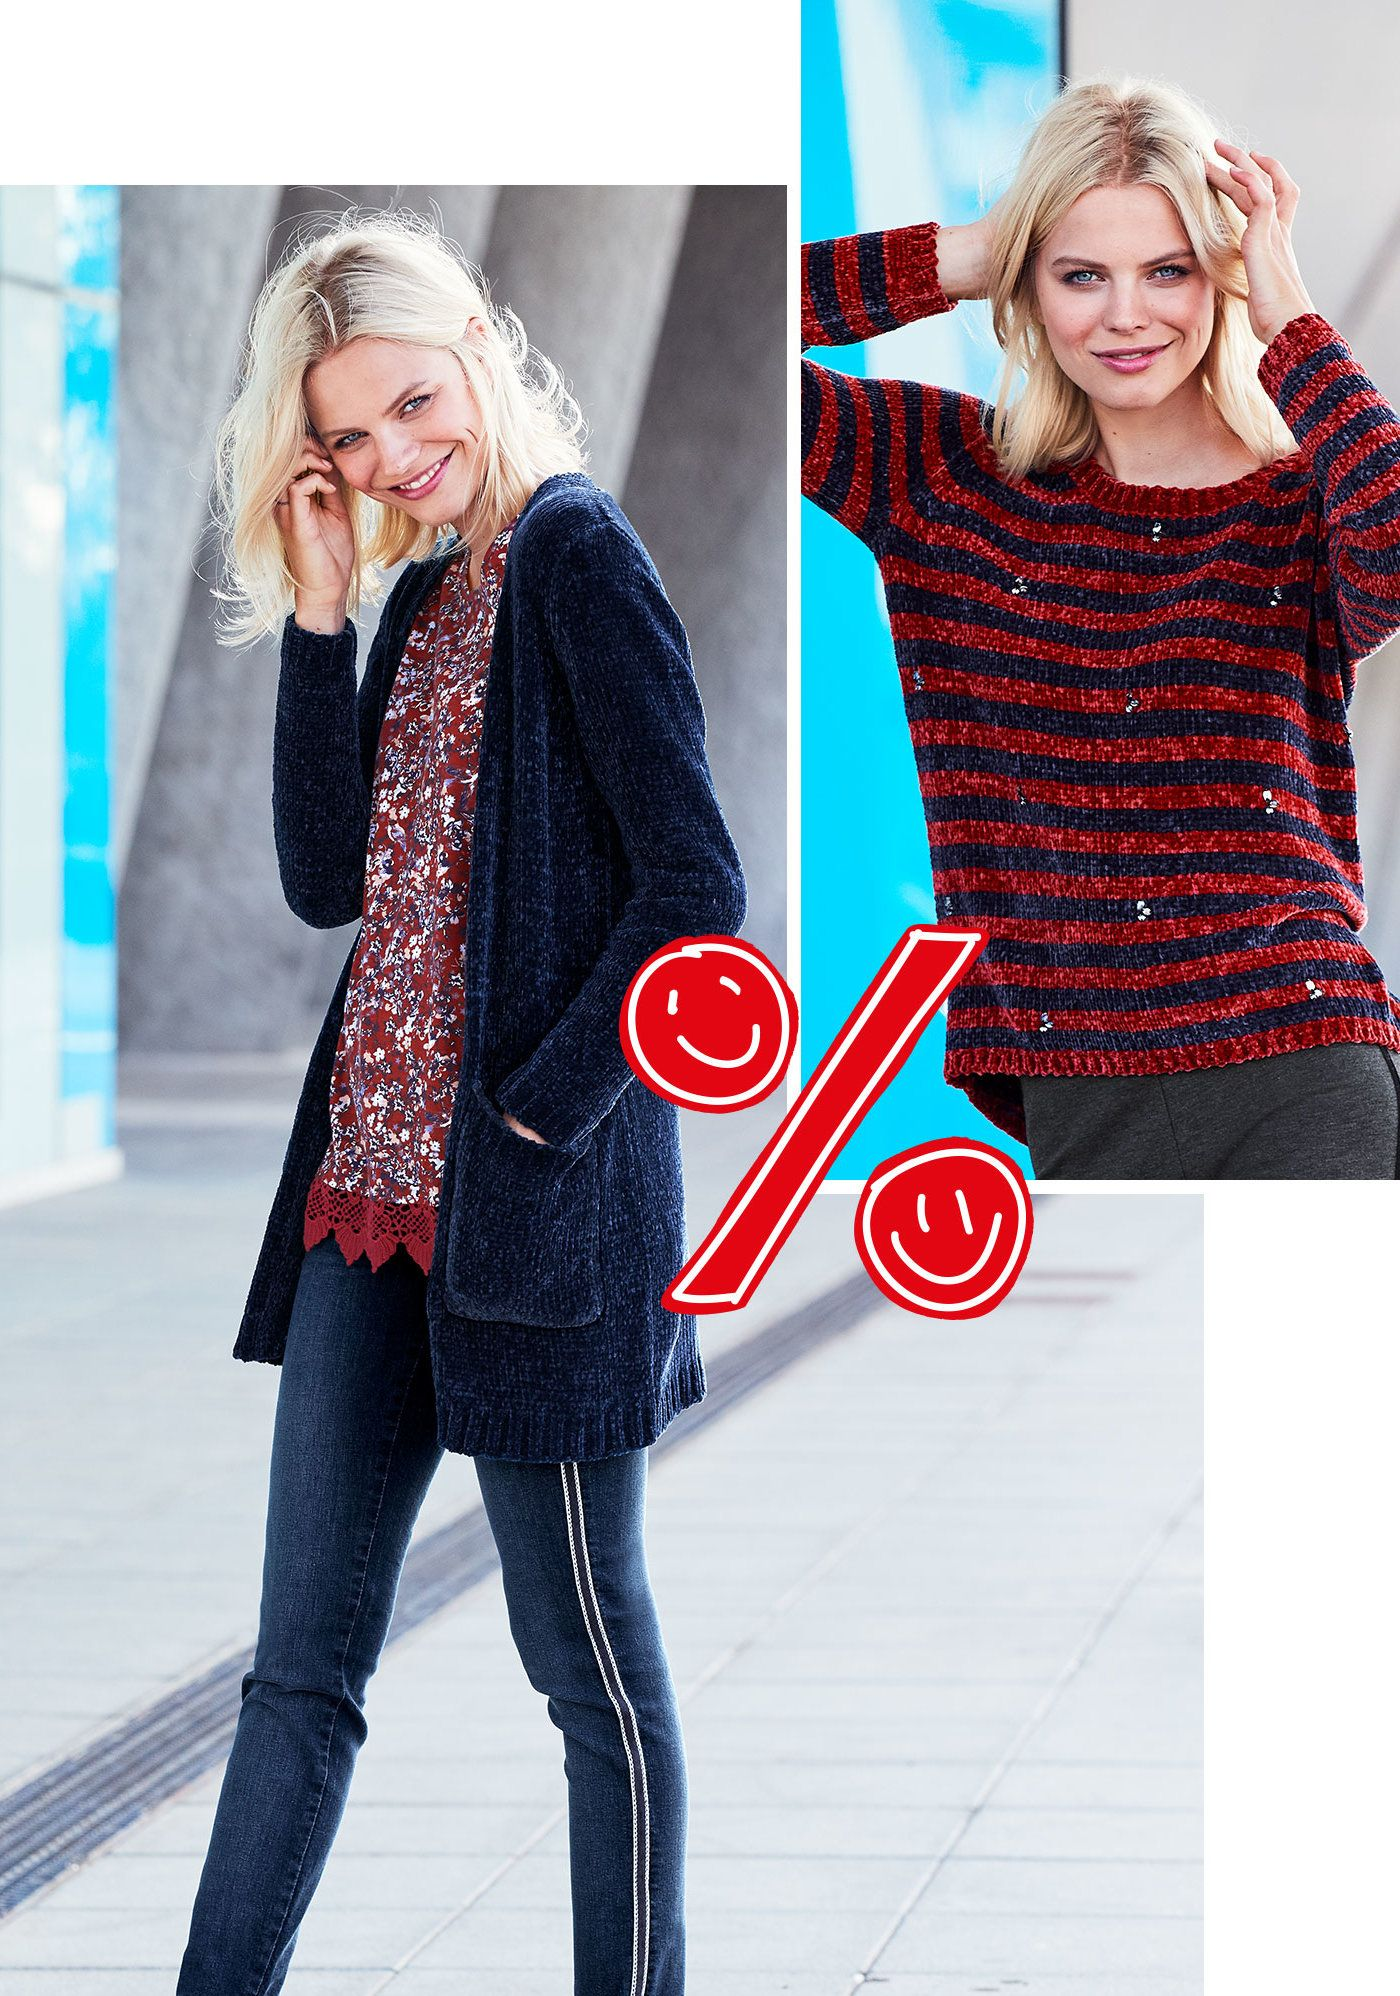 am billigsten besserer Preis langlebig im einsatz Damenmode günstig kaufen | Ernsting's family | Mode und ...